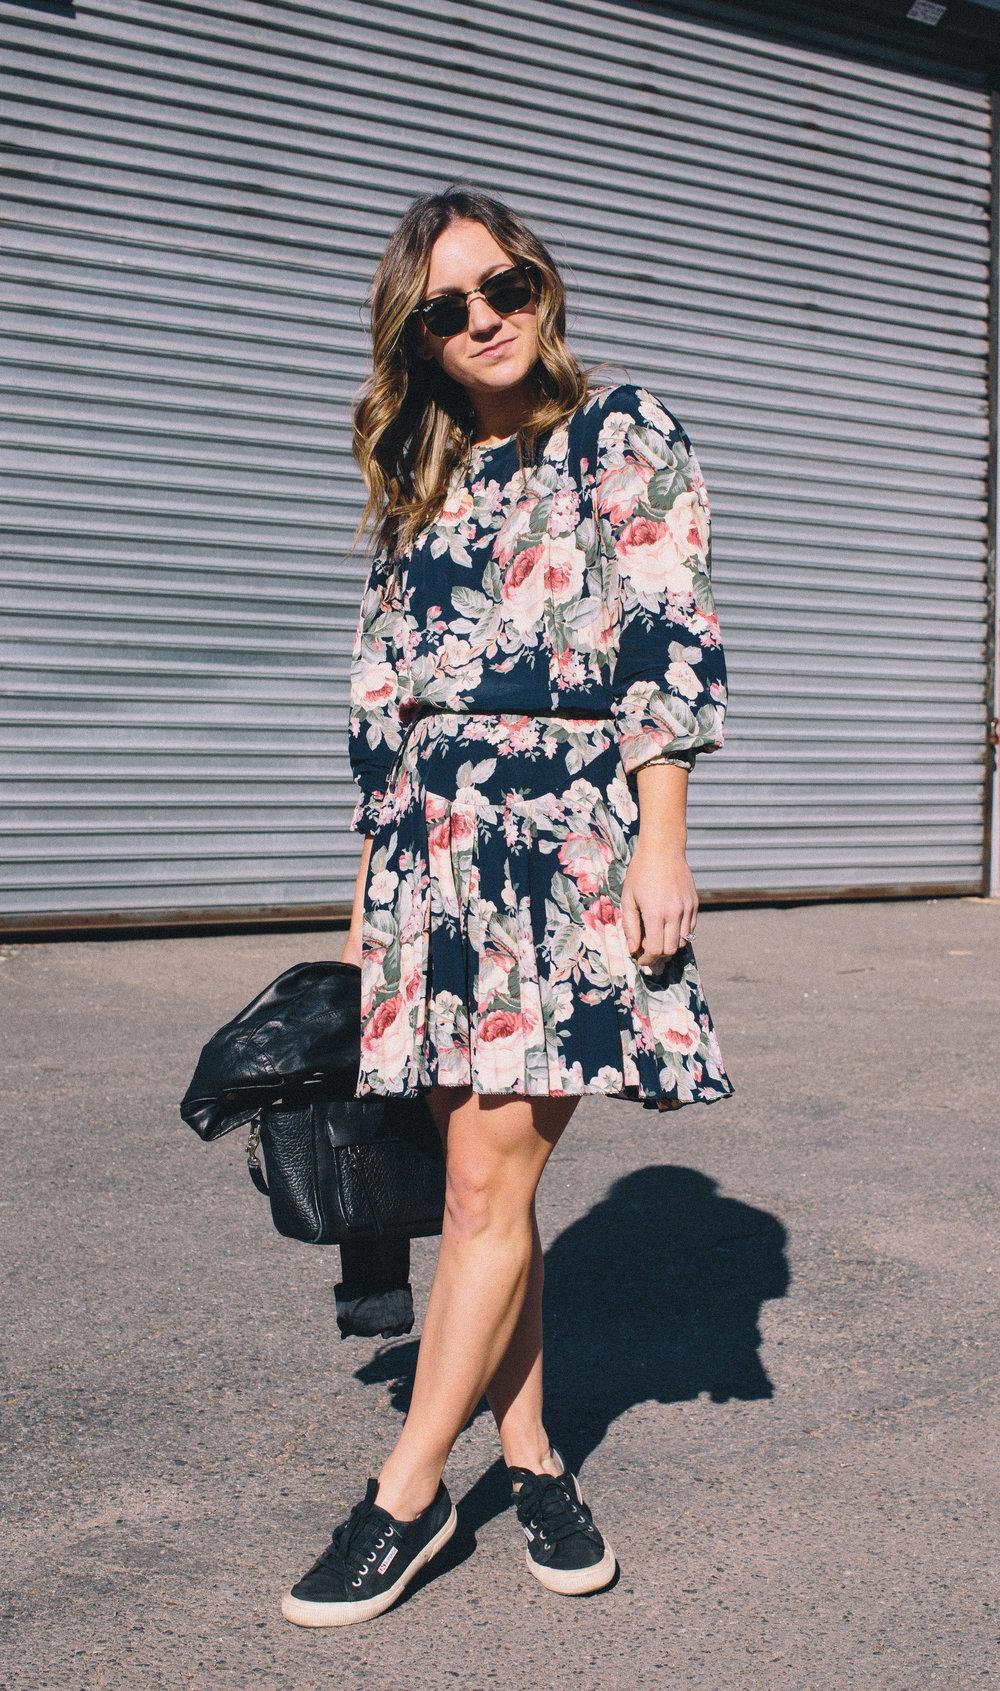 fizz-fade-vintage-floral-dress-11.jpg